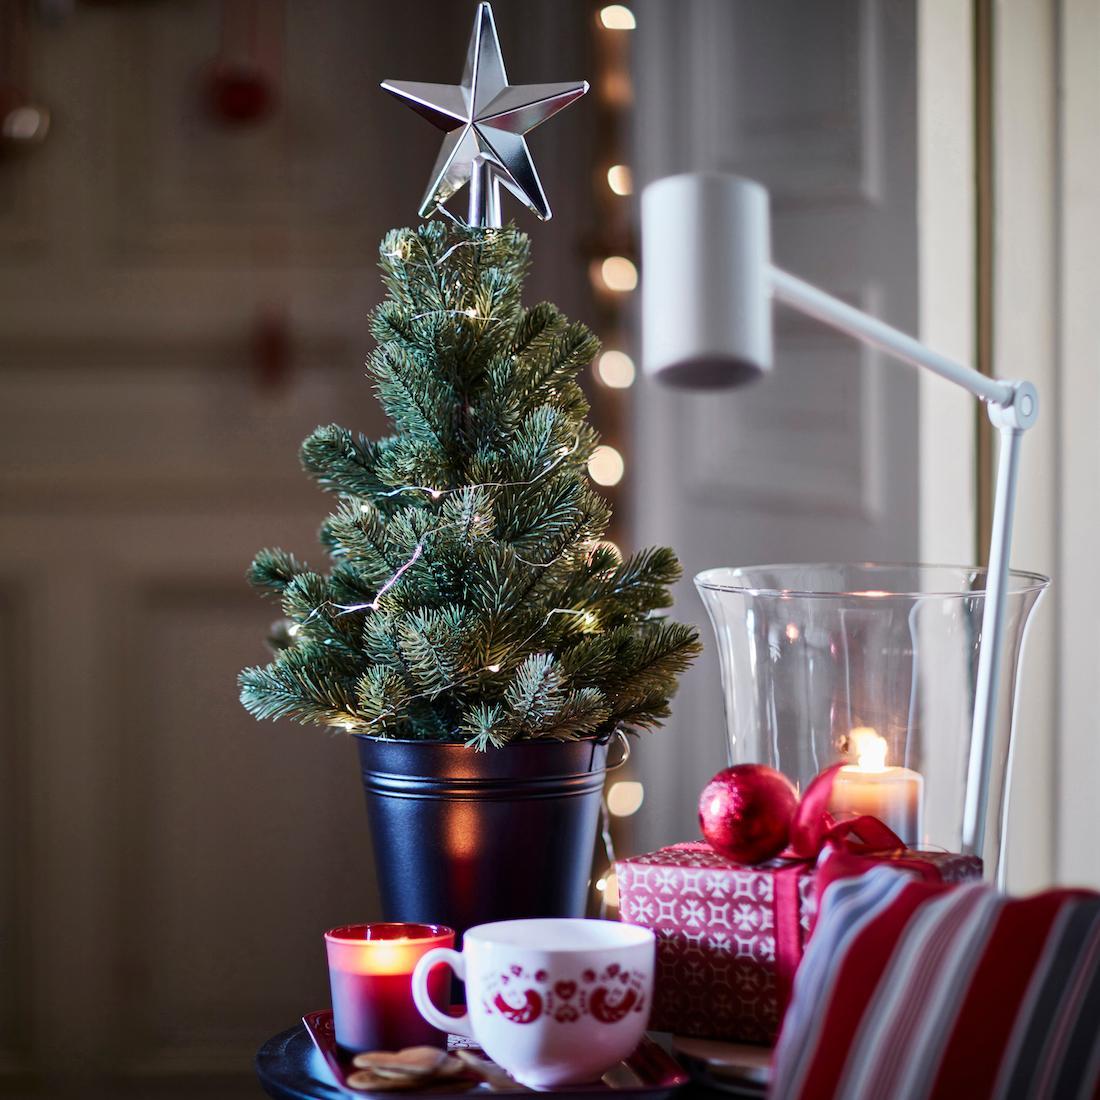 Weihnachtsdeko Ikea weihnachtskugeln bilder ideen couchstyle